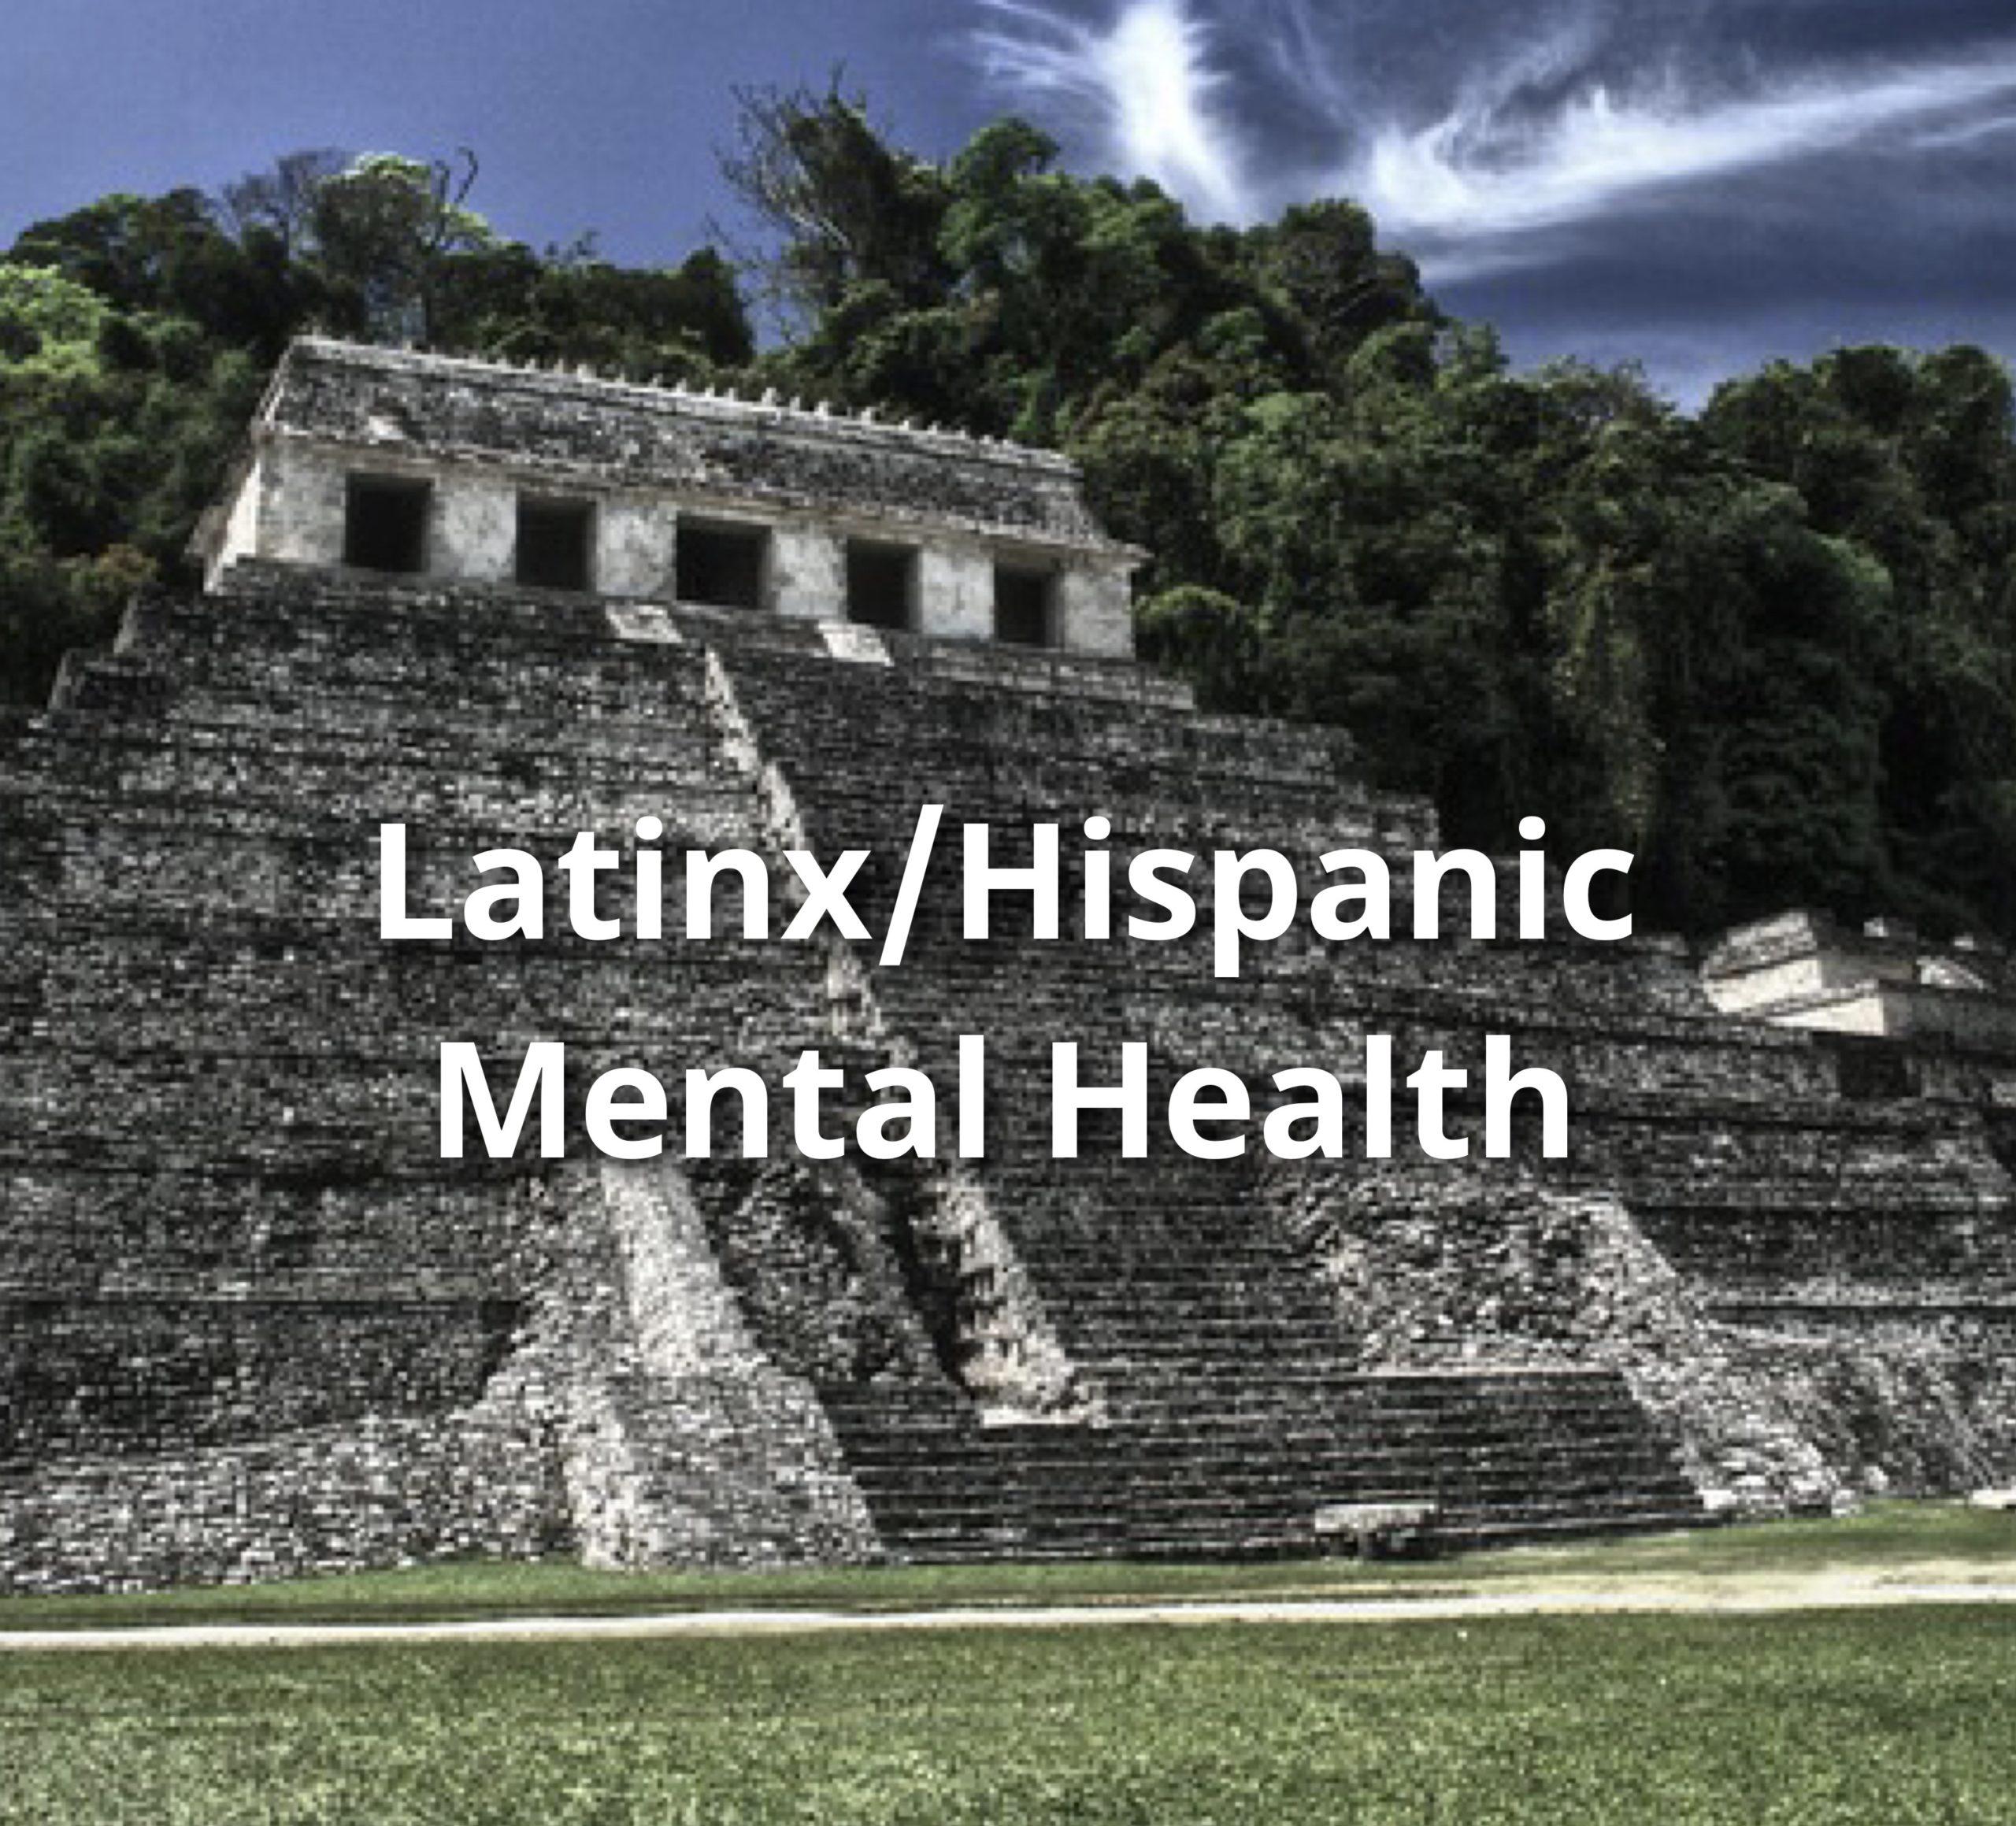 latinx/hispanic